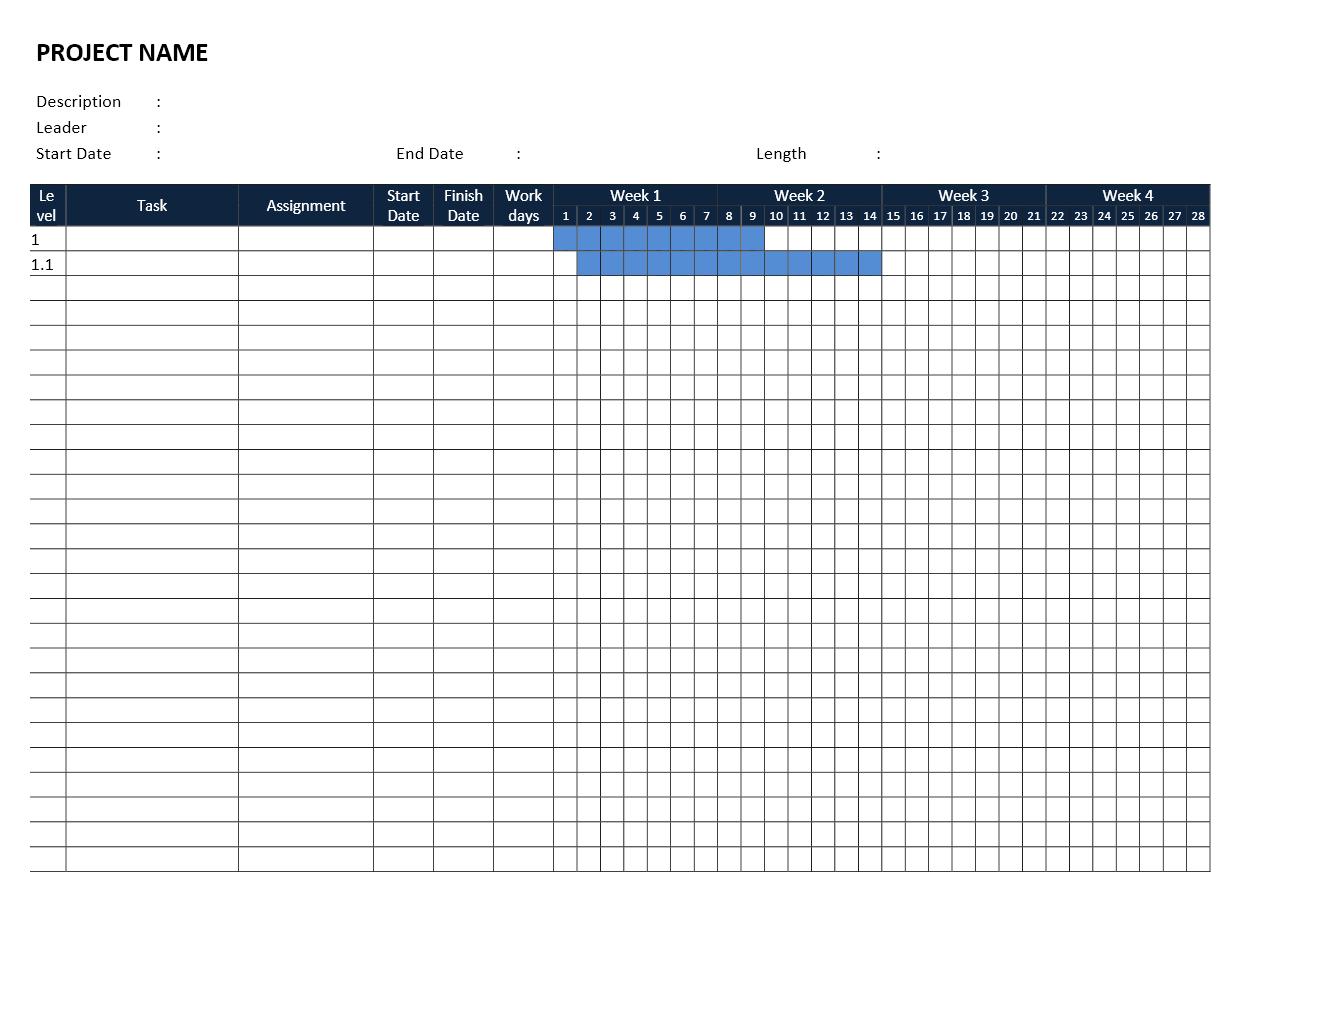 Blank Gantt Chart Template Word | Wilkinsonplace Intended For Gantt Chart Template Word 2010